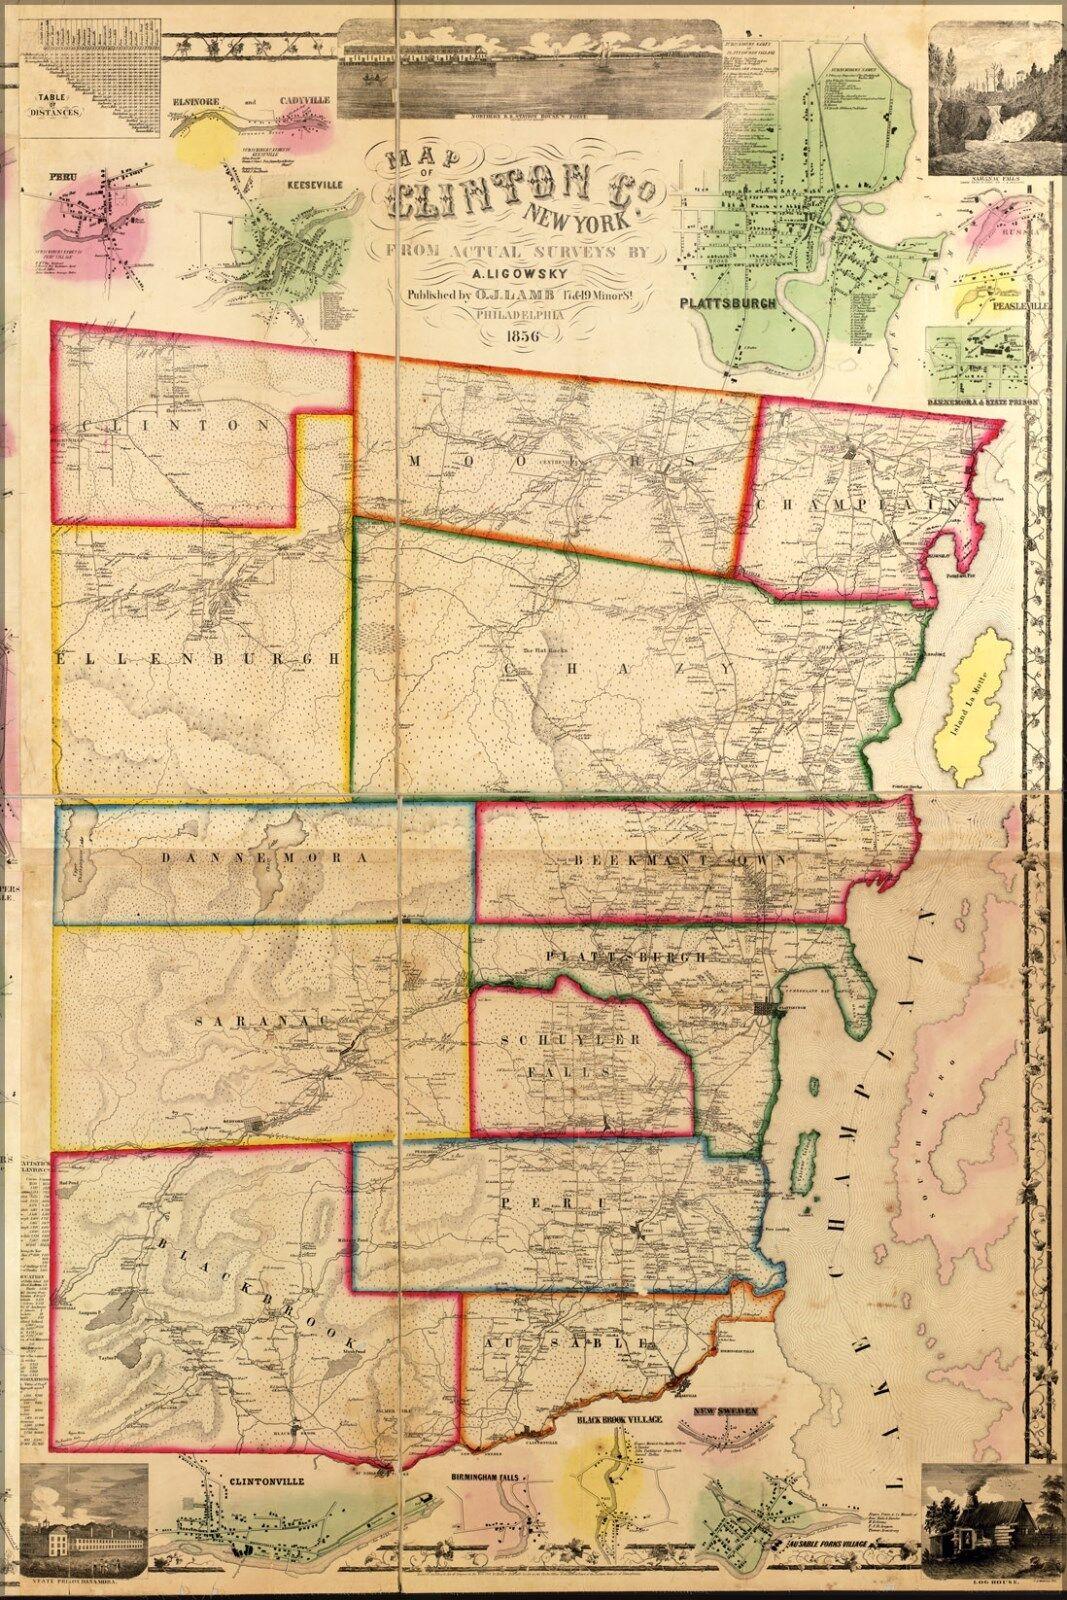 Plakat, Viele Größen; Karte von Clinton Co New York 1856